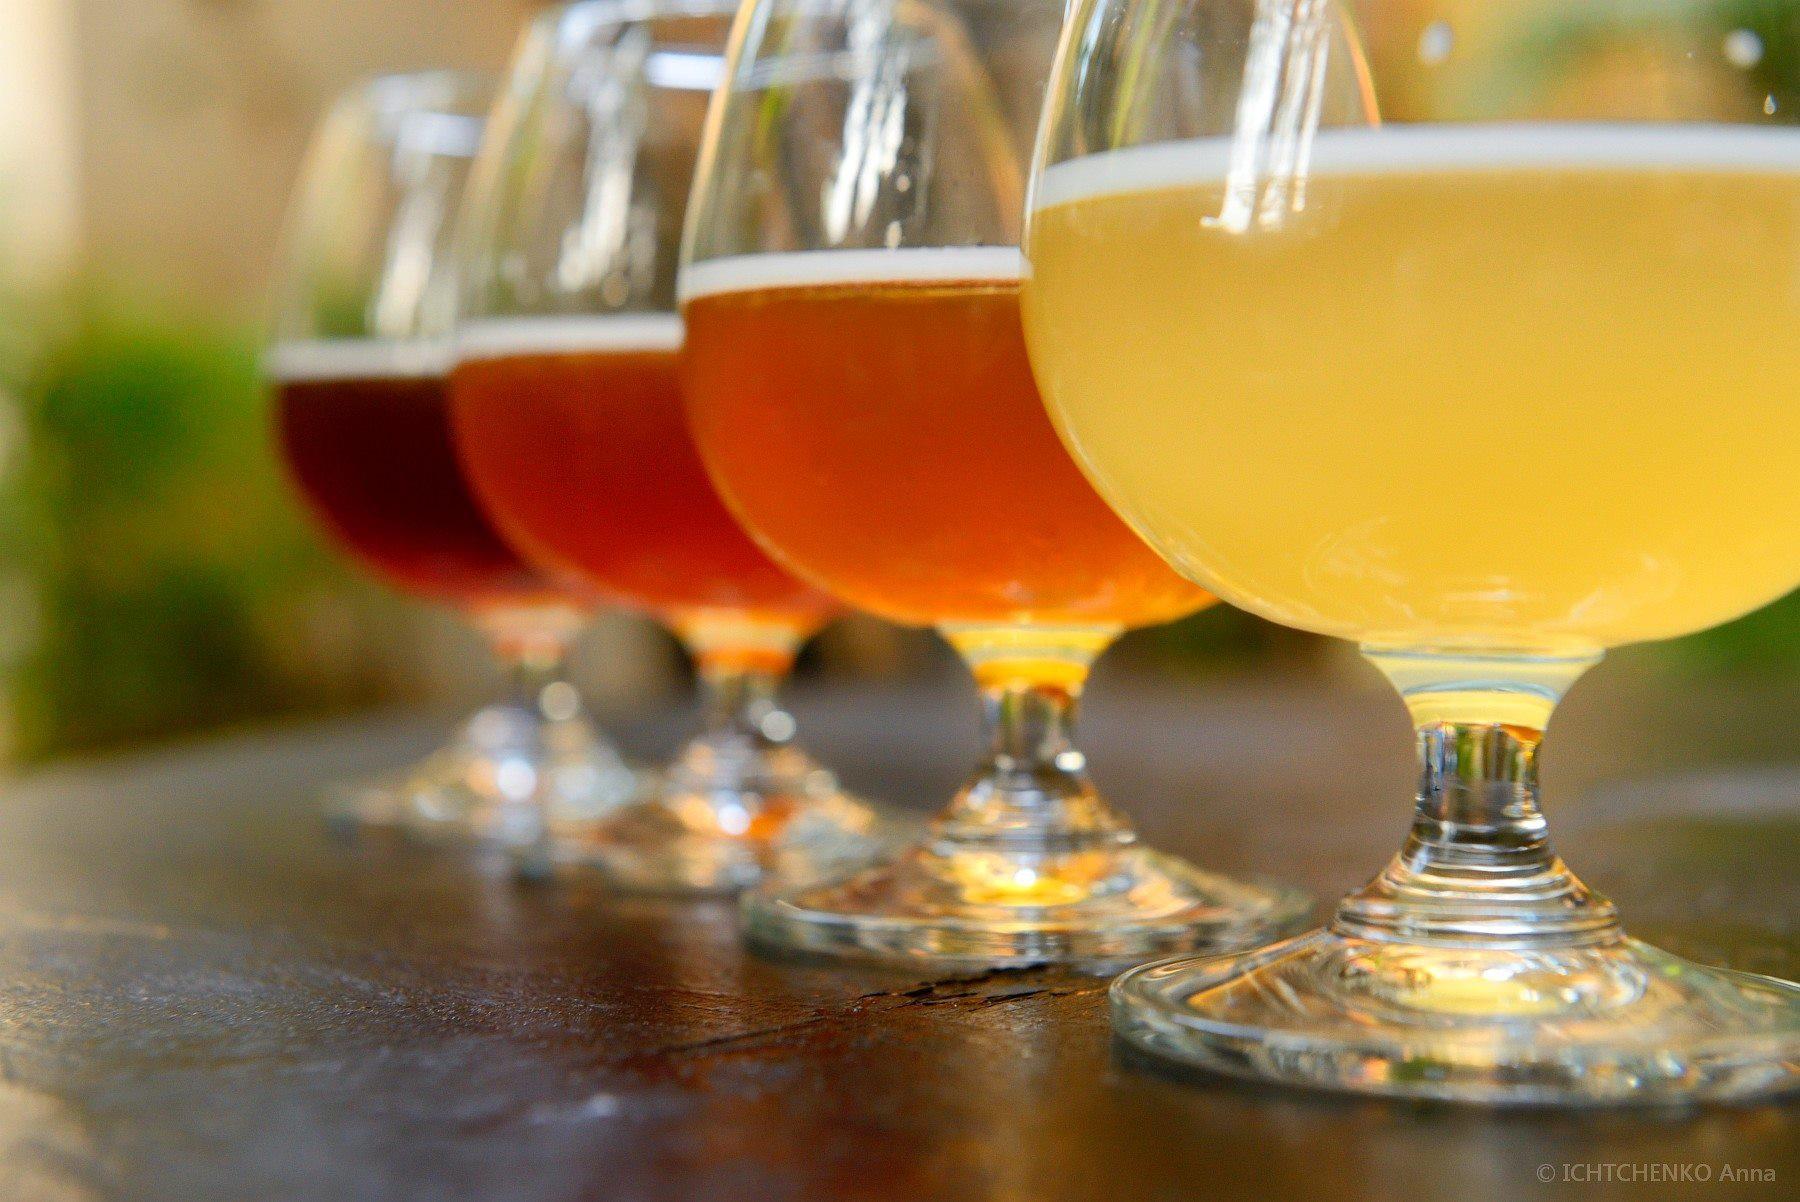 Botanico Wine & Beer Garden serves Cerevisia craft beer